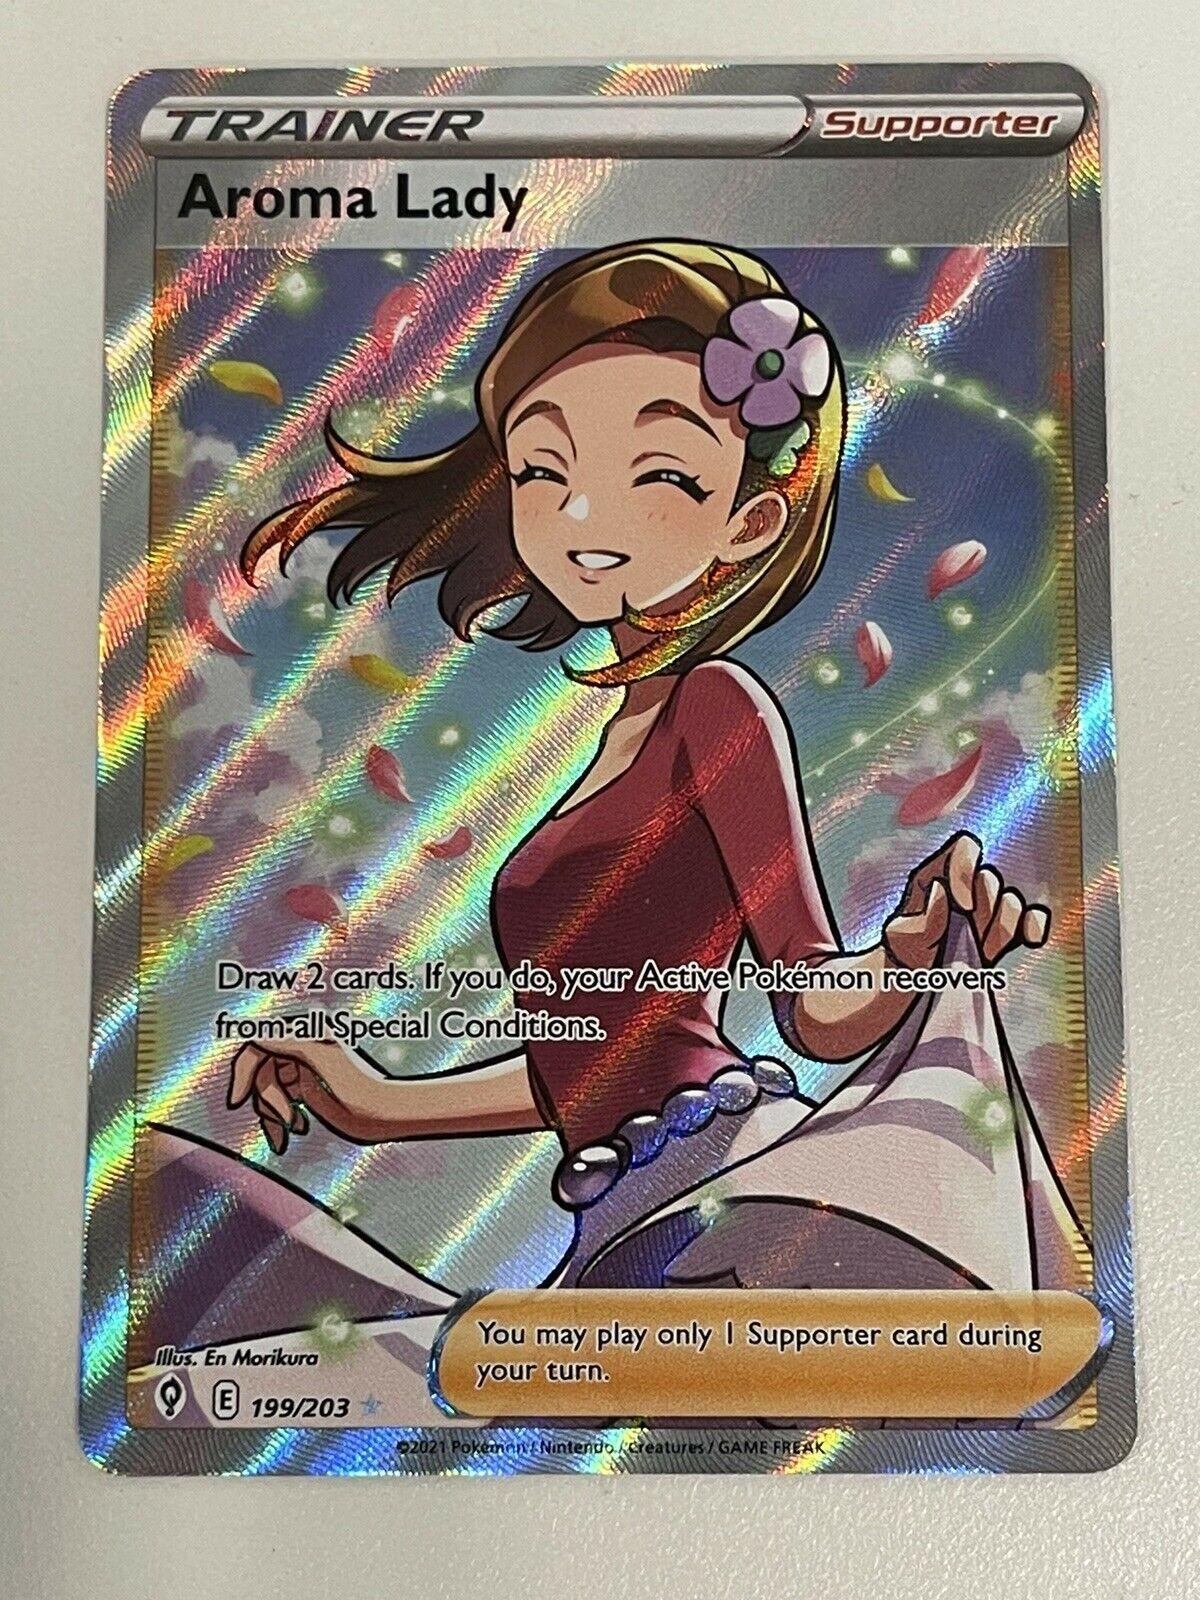 Pokemon Evolving Skies - Aroma Lady - Full Art Trainer 199/203